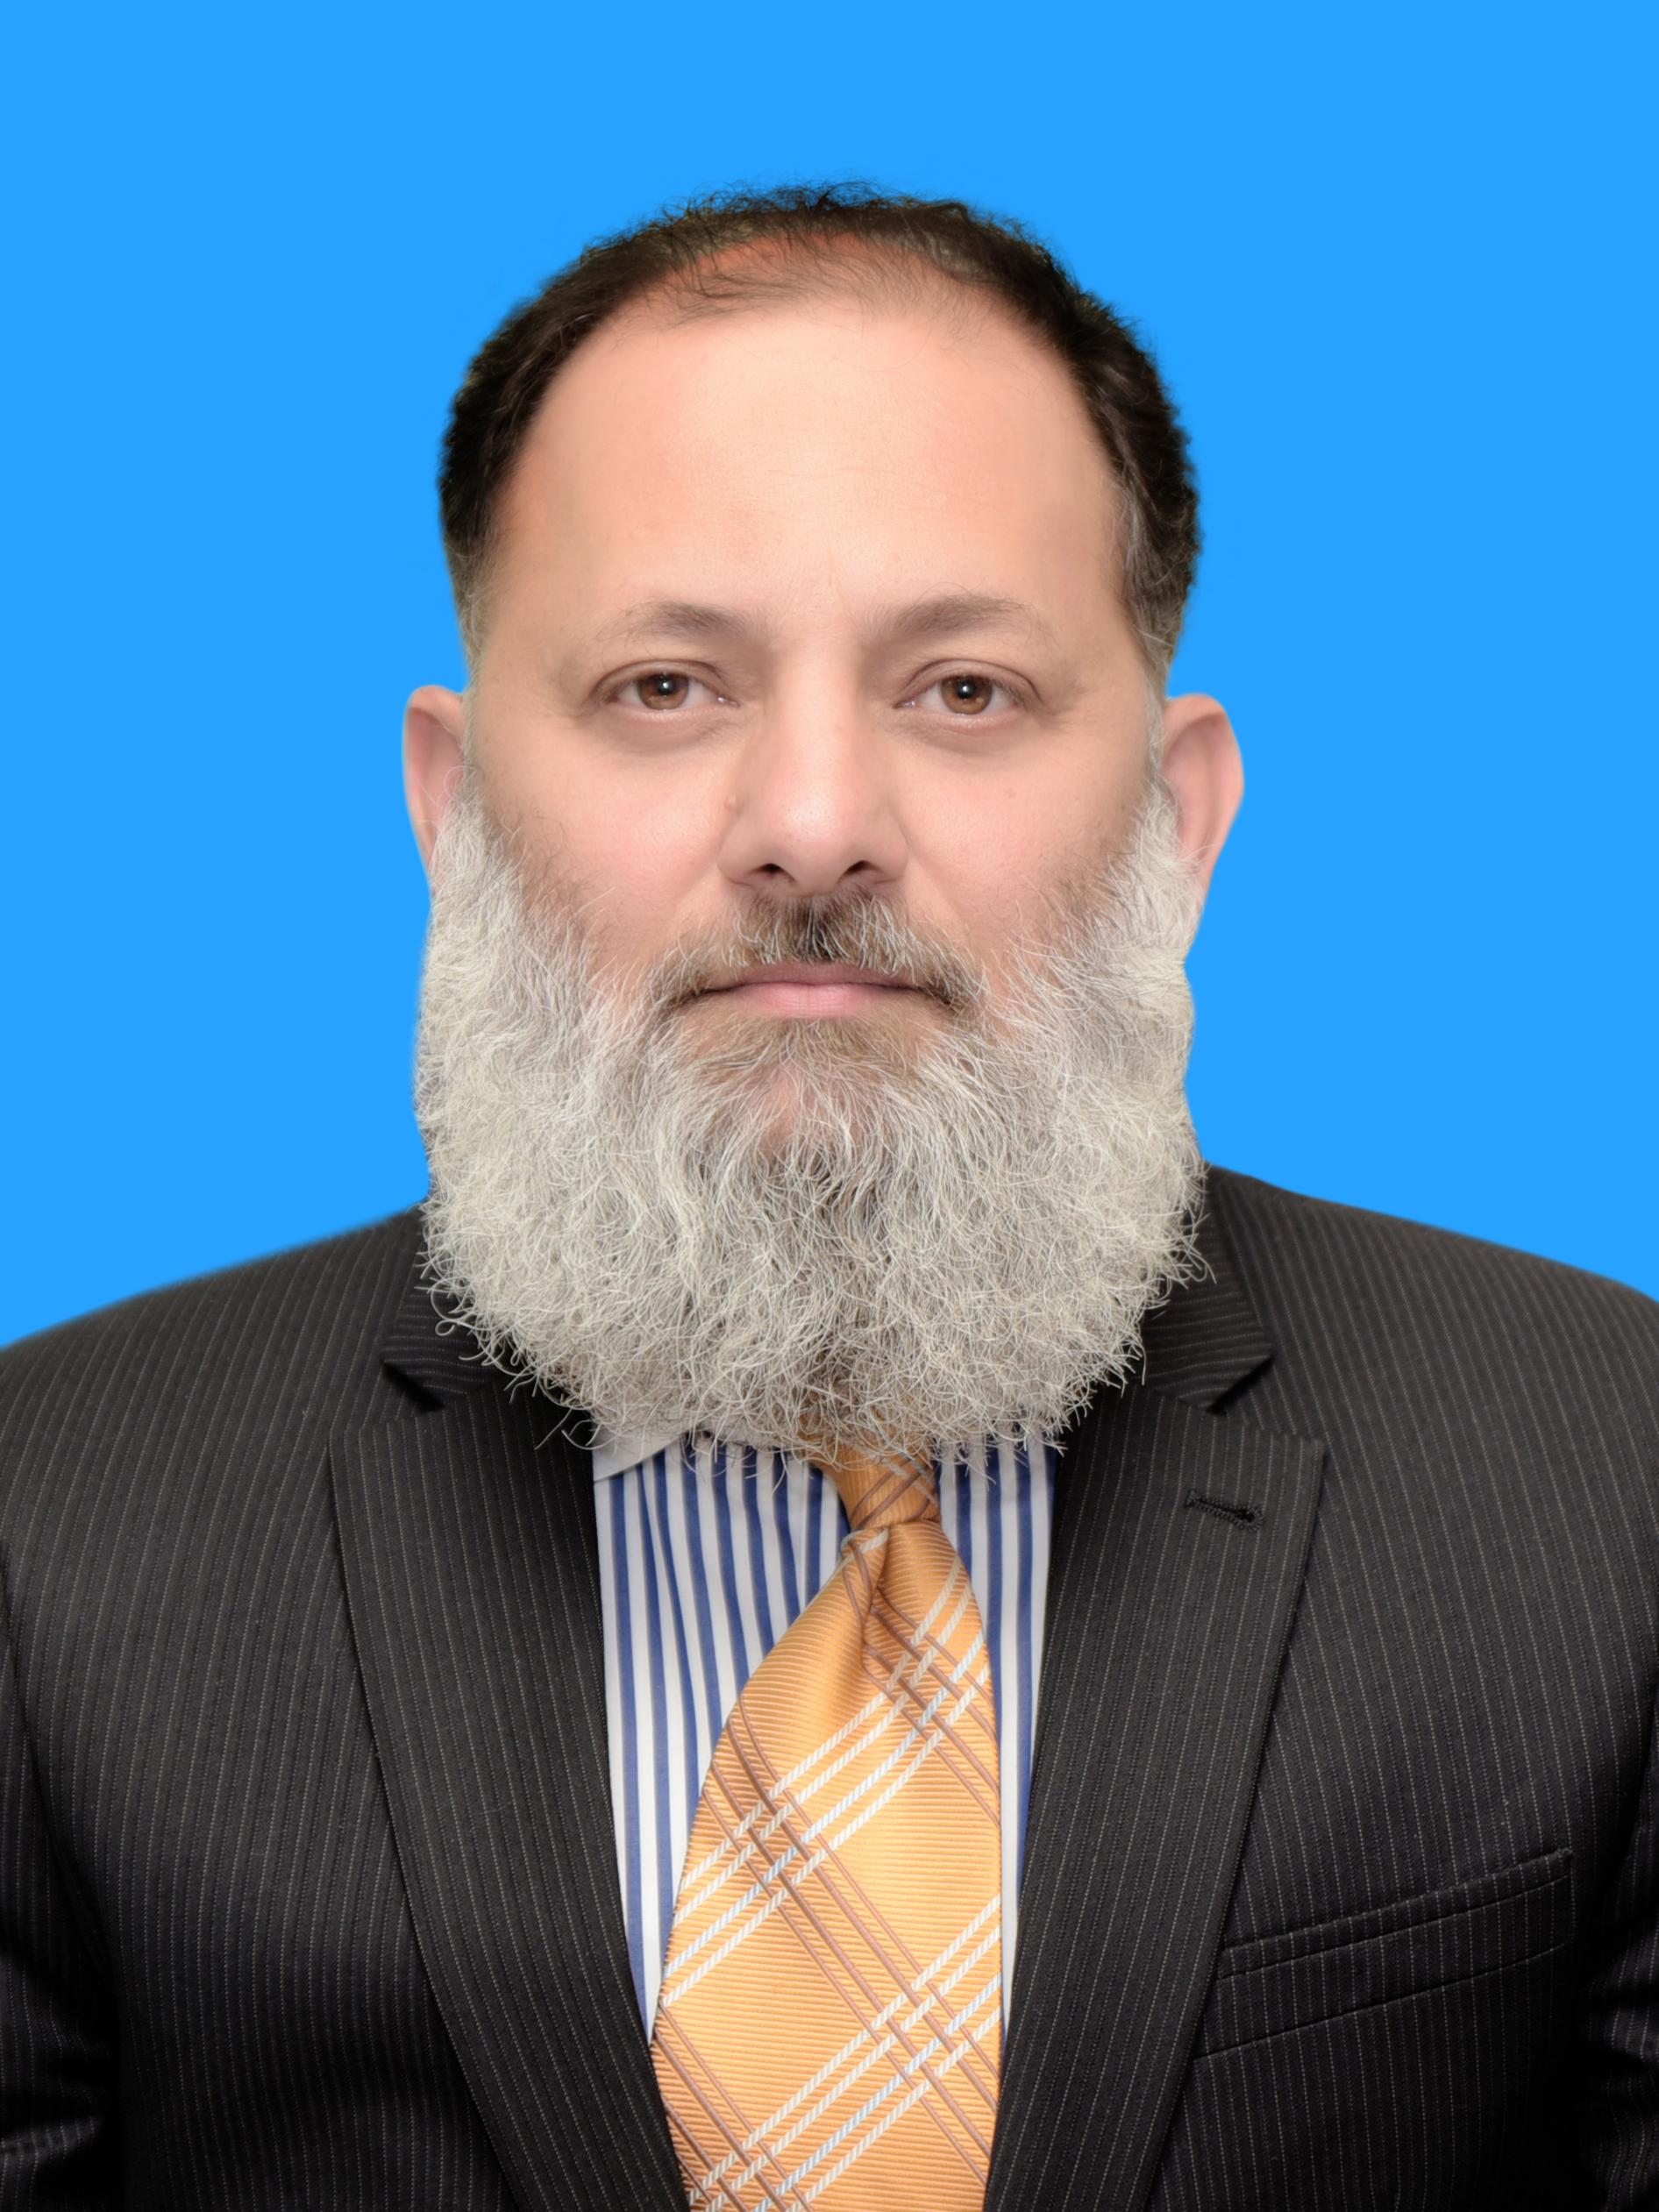 Brigadier Ahmad Salman, SI (M), Retd